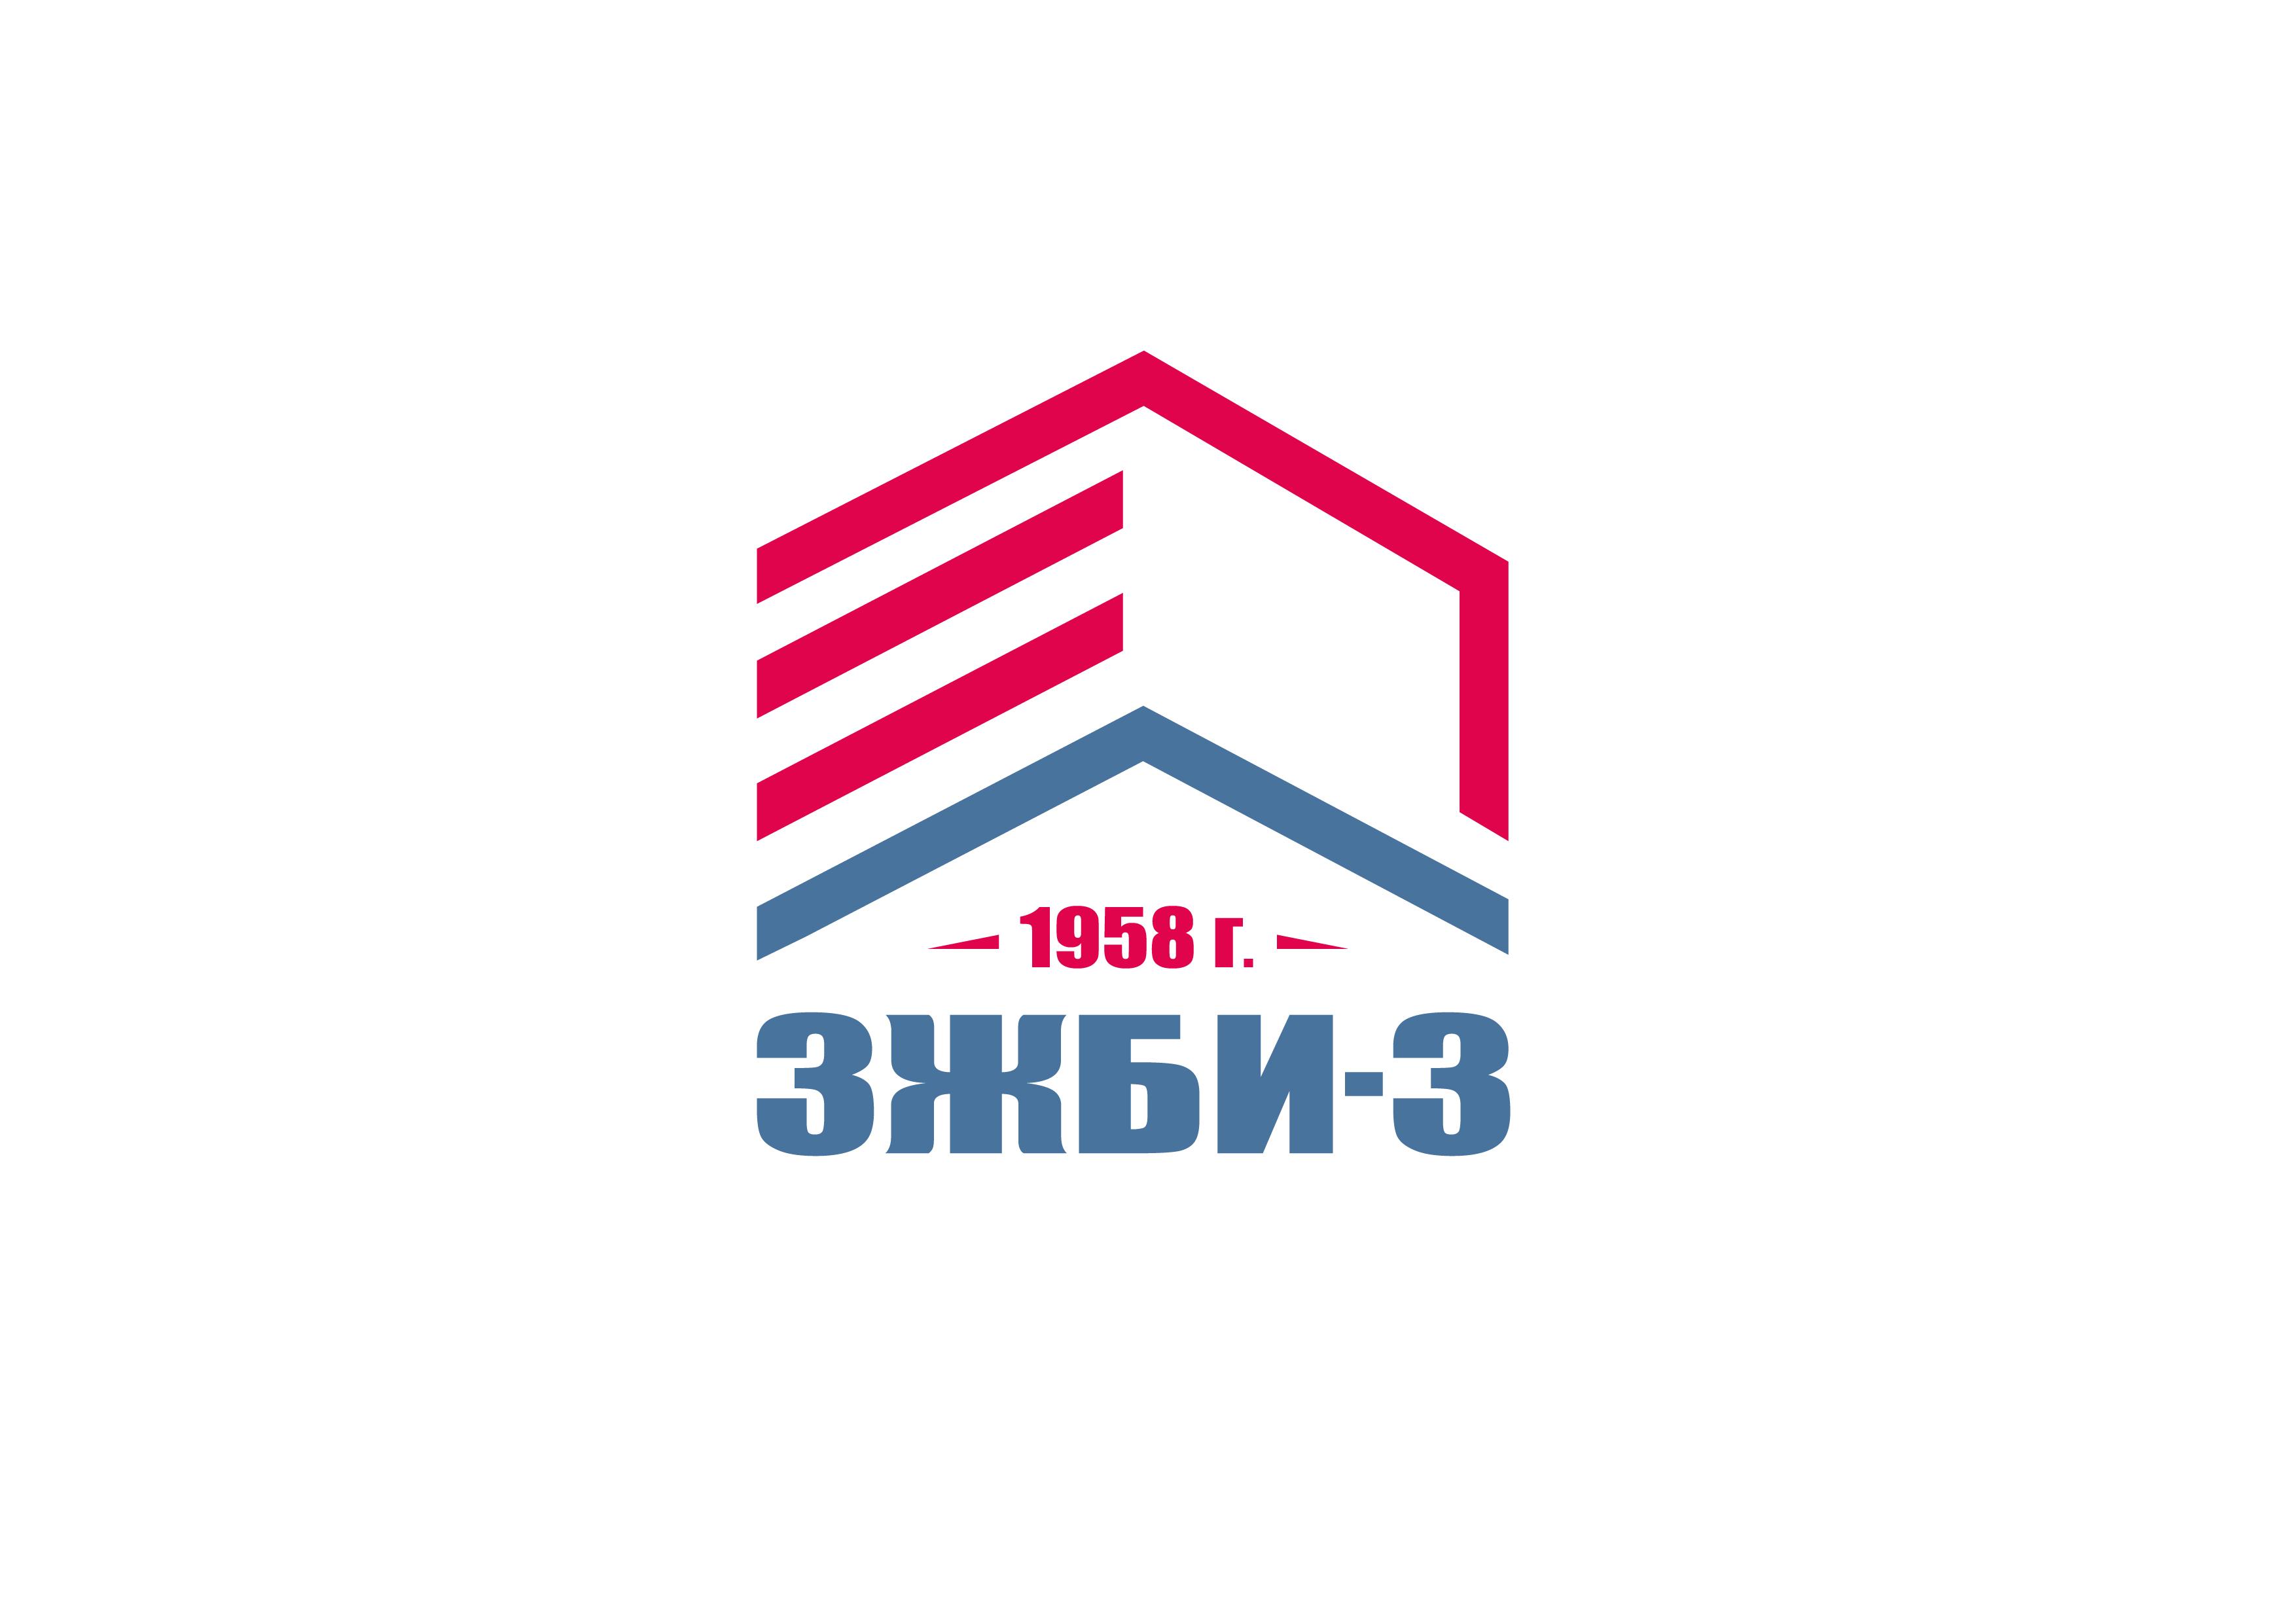 Разработка логотипа и фирменный стиль фото f_003596f7ab1765d3.jpg